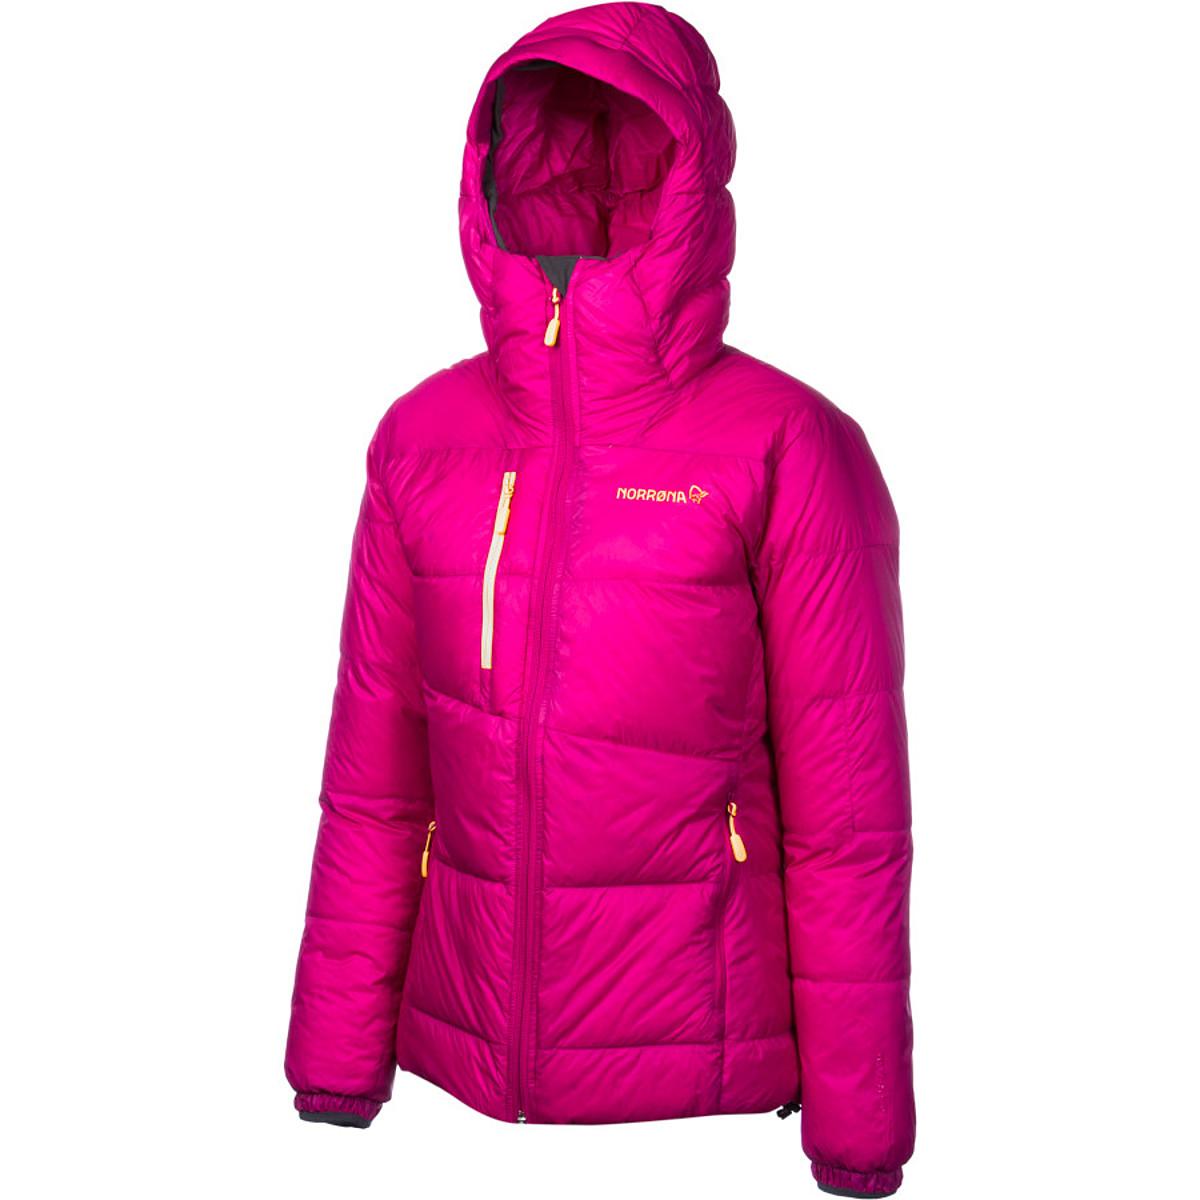 Norrona Lyngen Down750 Jacket